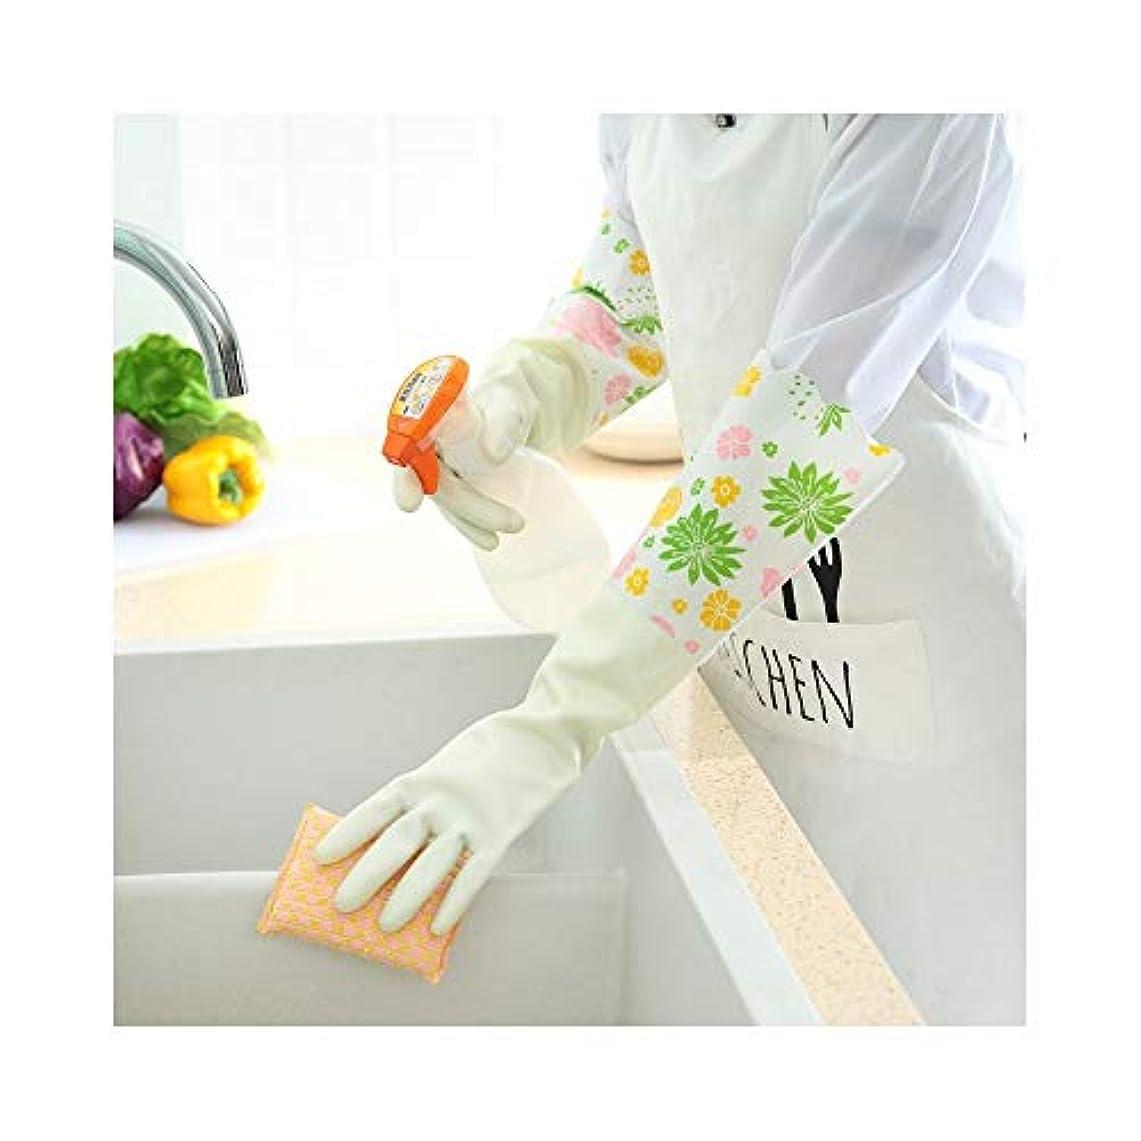 予知パケット世界に死んだニトリルゴム手袋 キッチン用手袋防水性と耐久性のあるゴム製家事用手袋、1ペア 使い捨て手袋 (Color : GREEN, Size : L)